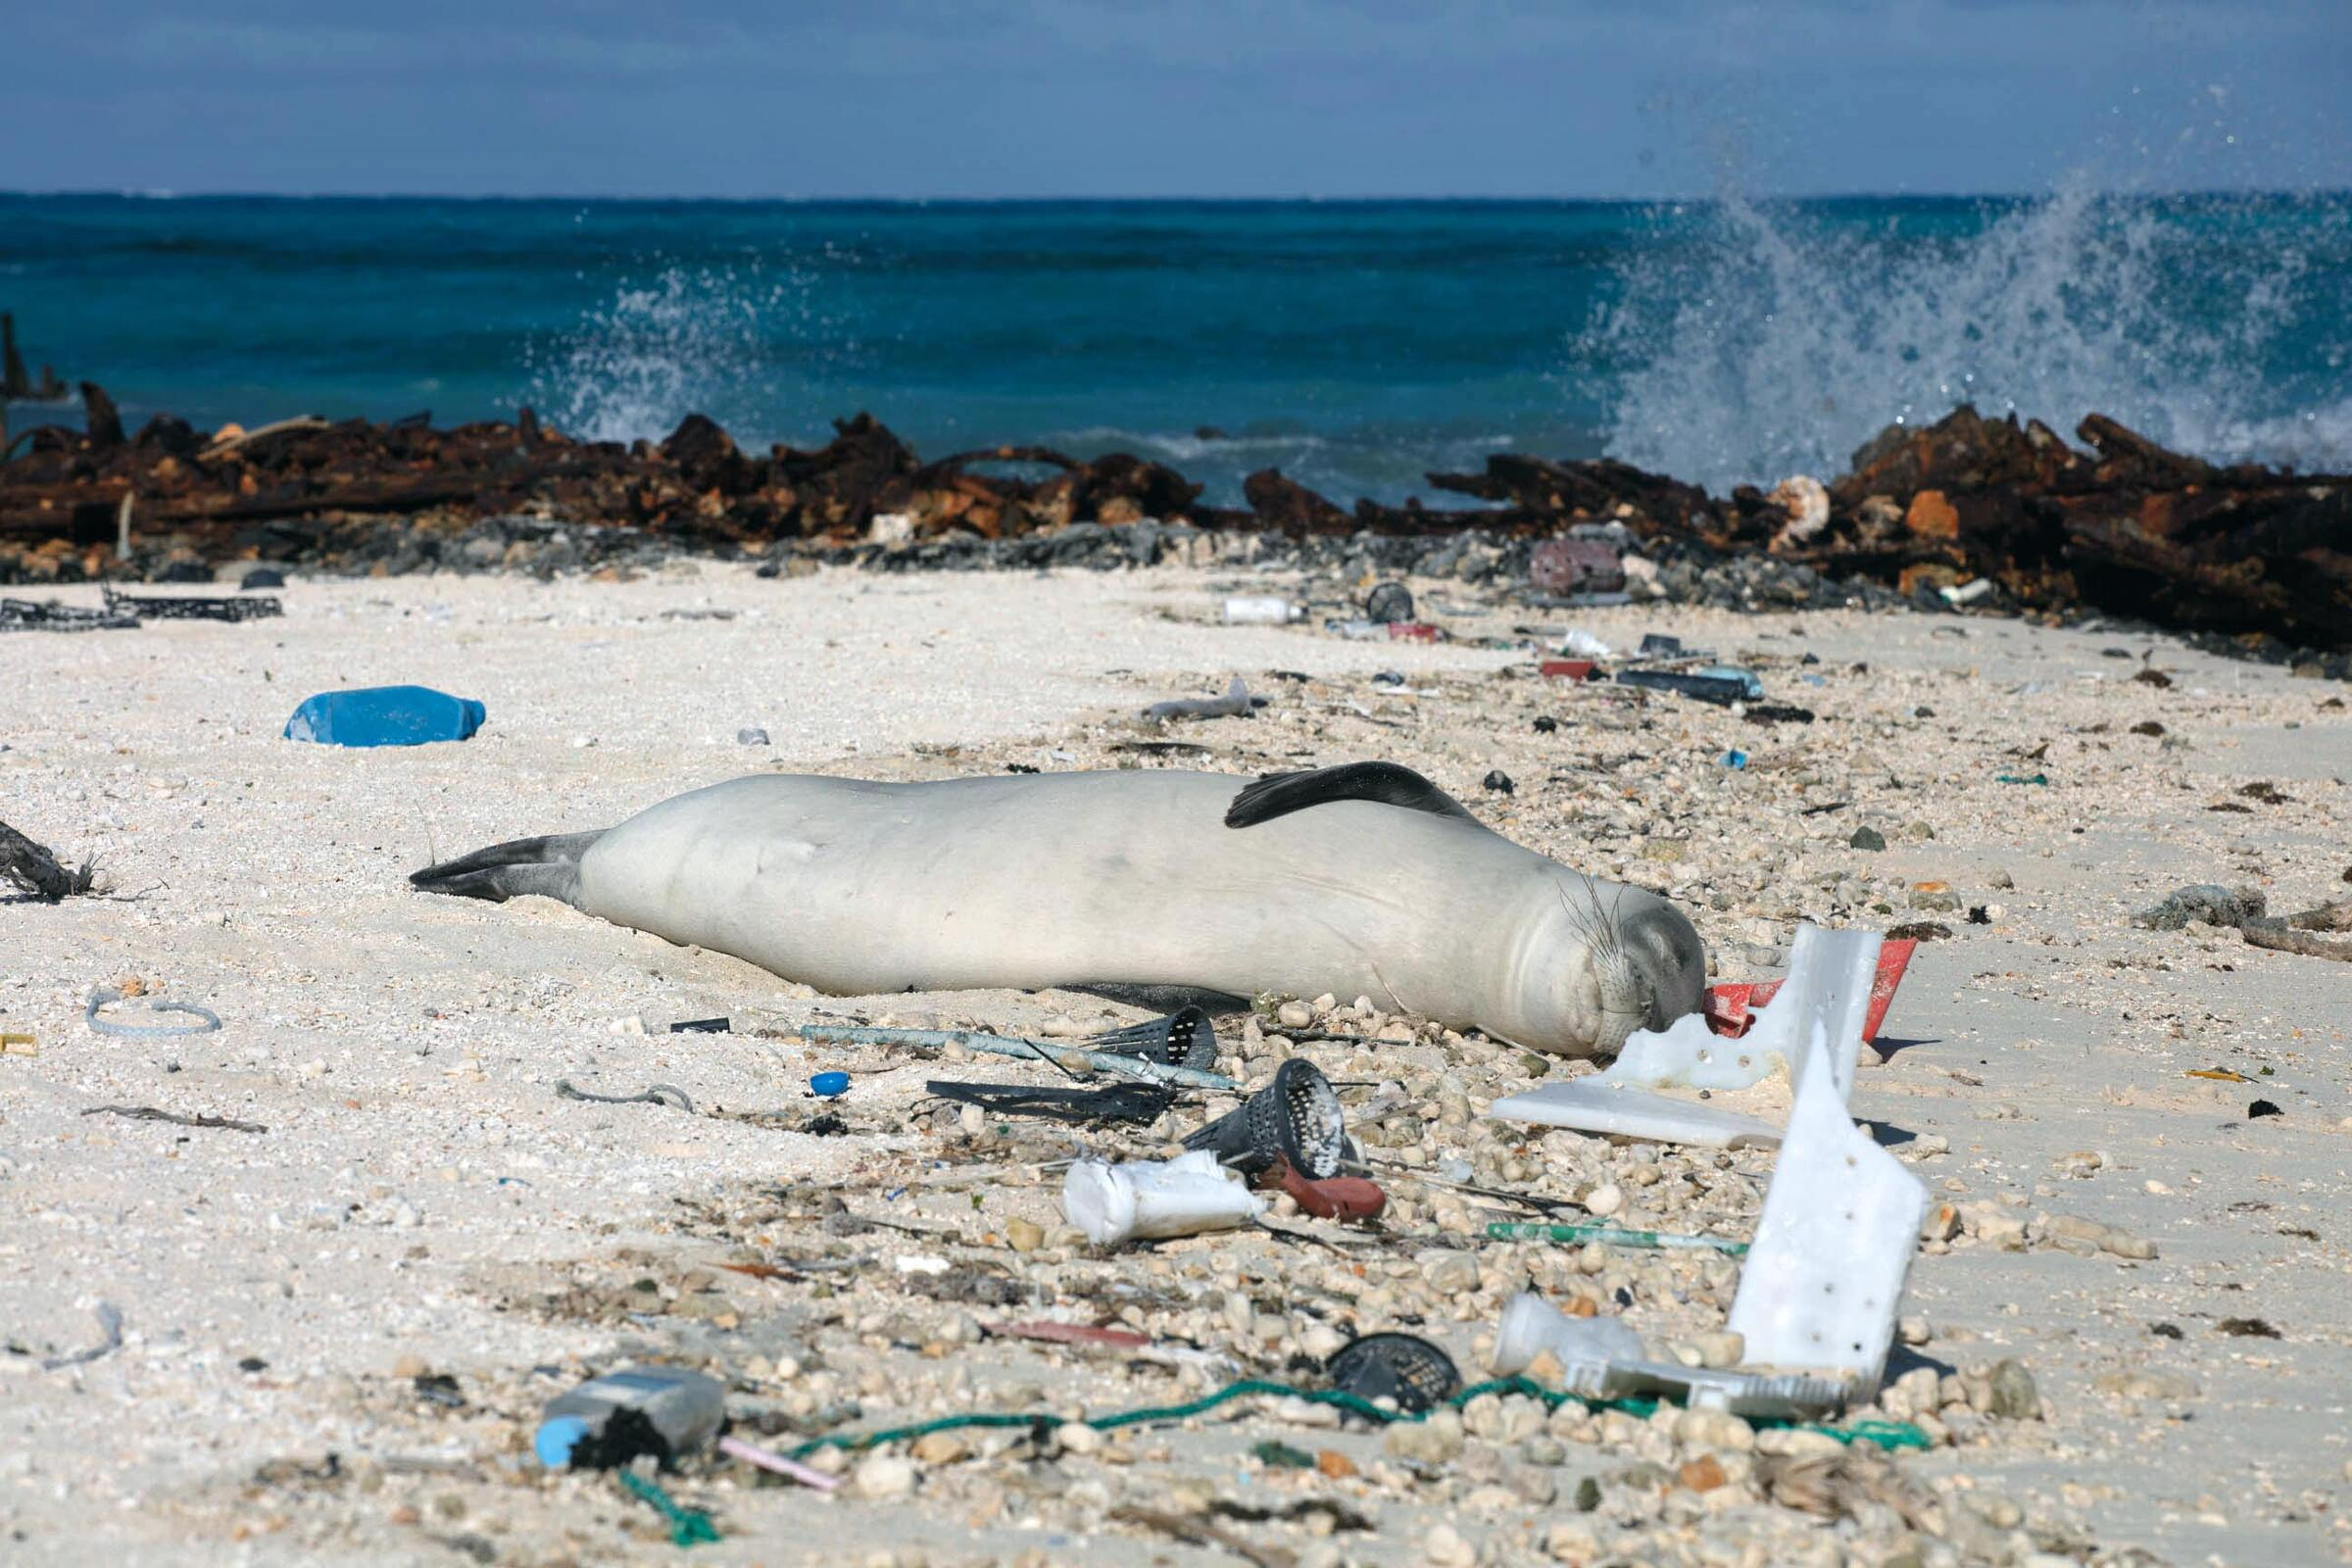 A critically endangered Hawaiian monk seal sleeps amid marine debris. Jon Brack/USFWS